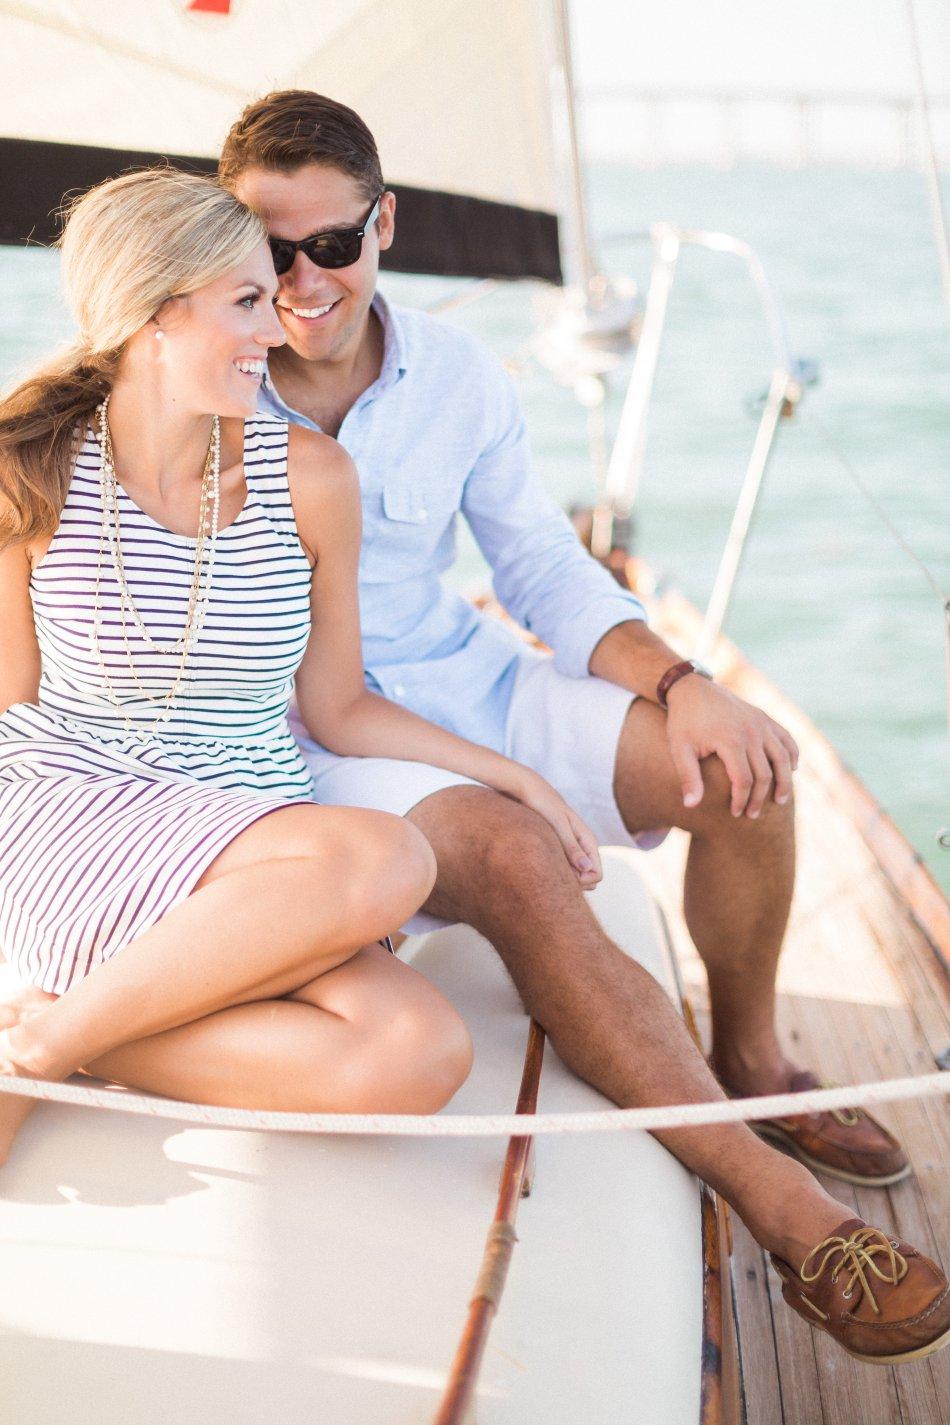 naples-luxury-sailing-engagement-photography-nautical-sailboat-engagement_1082.jpg